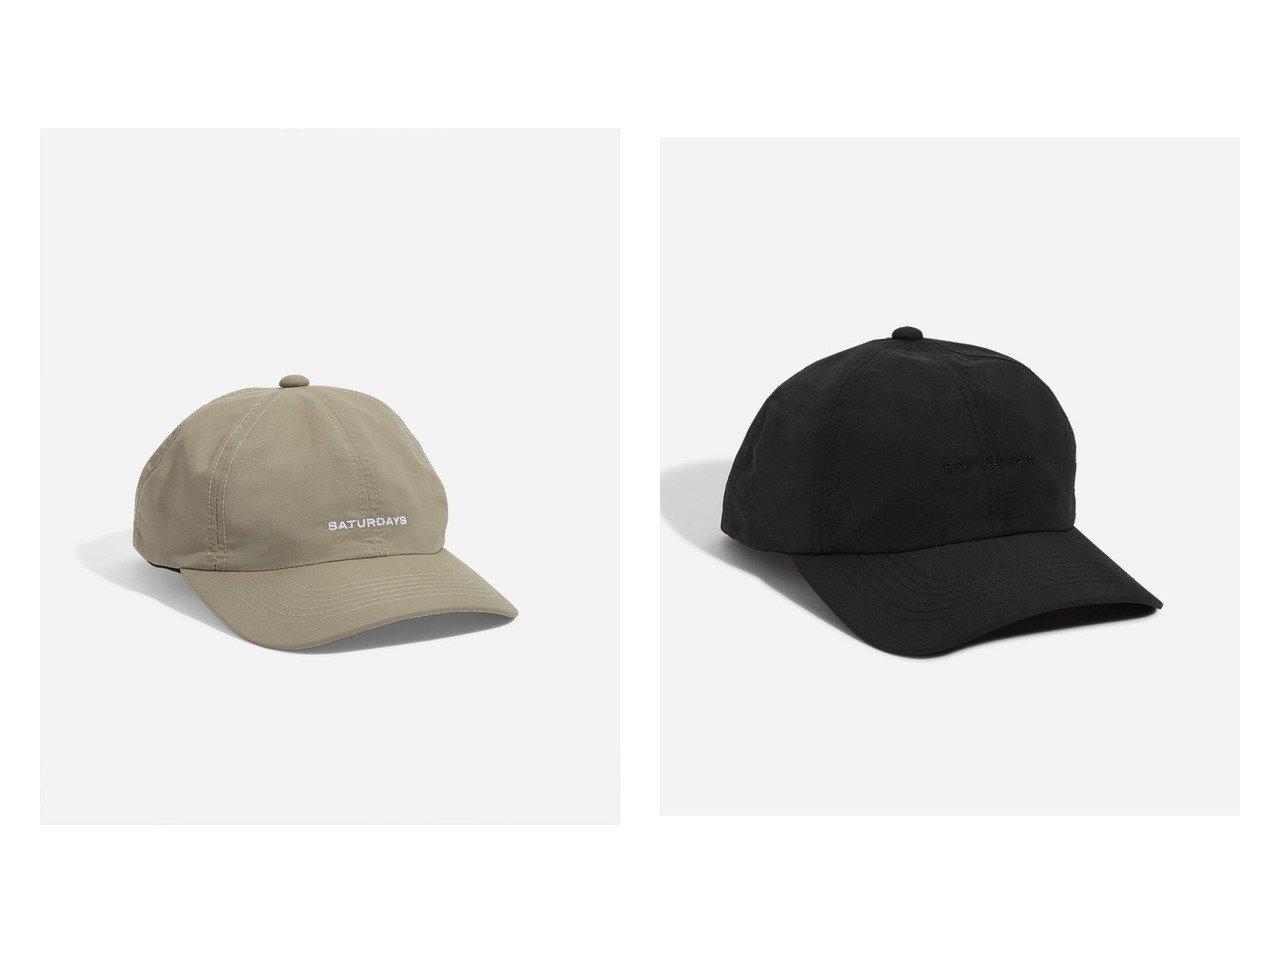 【SATURDAYS NYC / MEN/サタデーズ ニューヨークシティ】のAbie Dad Hat おすすめ!人気、トレンド・レディースファッションの通販 おすすめで人気の流行・トレンド、ファッションの通販商品 インテリア・家具・メンズファッション・キッズファッション・レディースファッション・服の通販 founy(ファニー) https://founy.com/ ファッション Fashion メンズファッション MEN キャップ シンプル 帽子 |ID:crp329100000061686